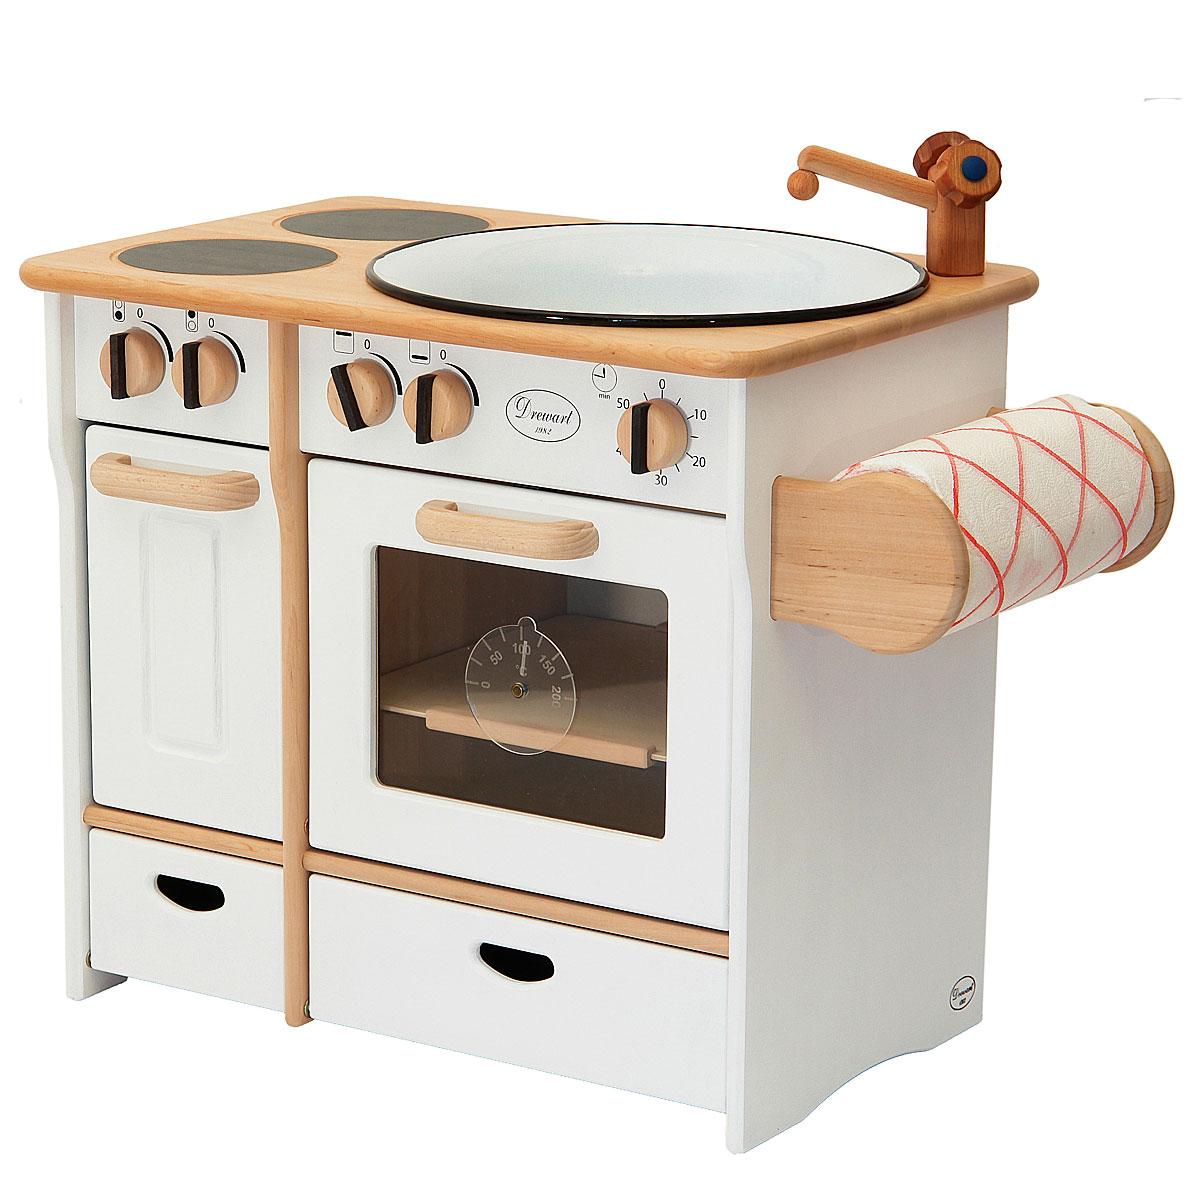 Drewart cucina stile nonna con porta scottex giocattoli di for Cucina giocattolo